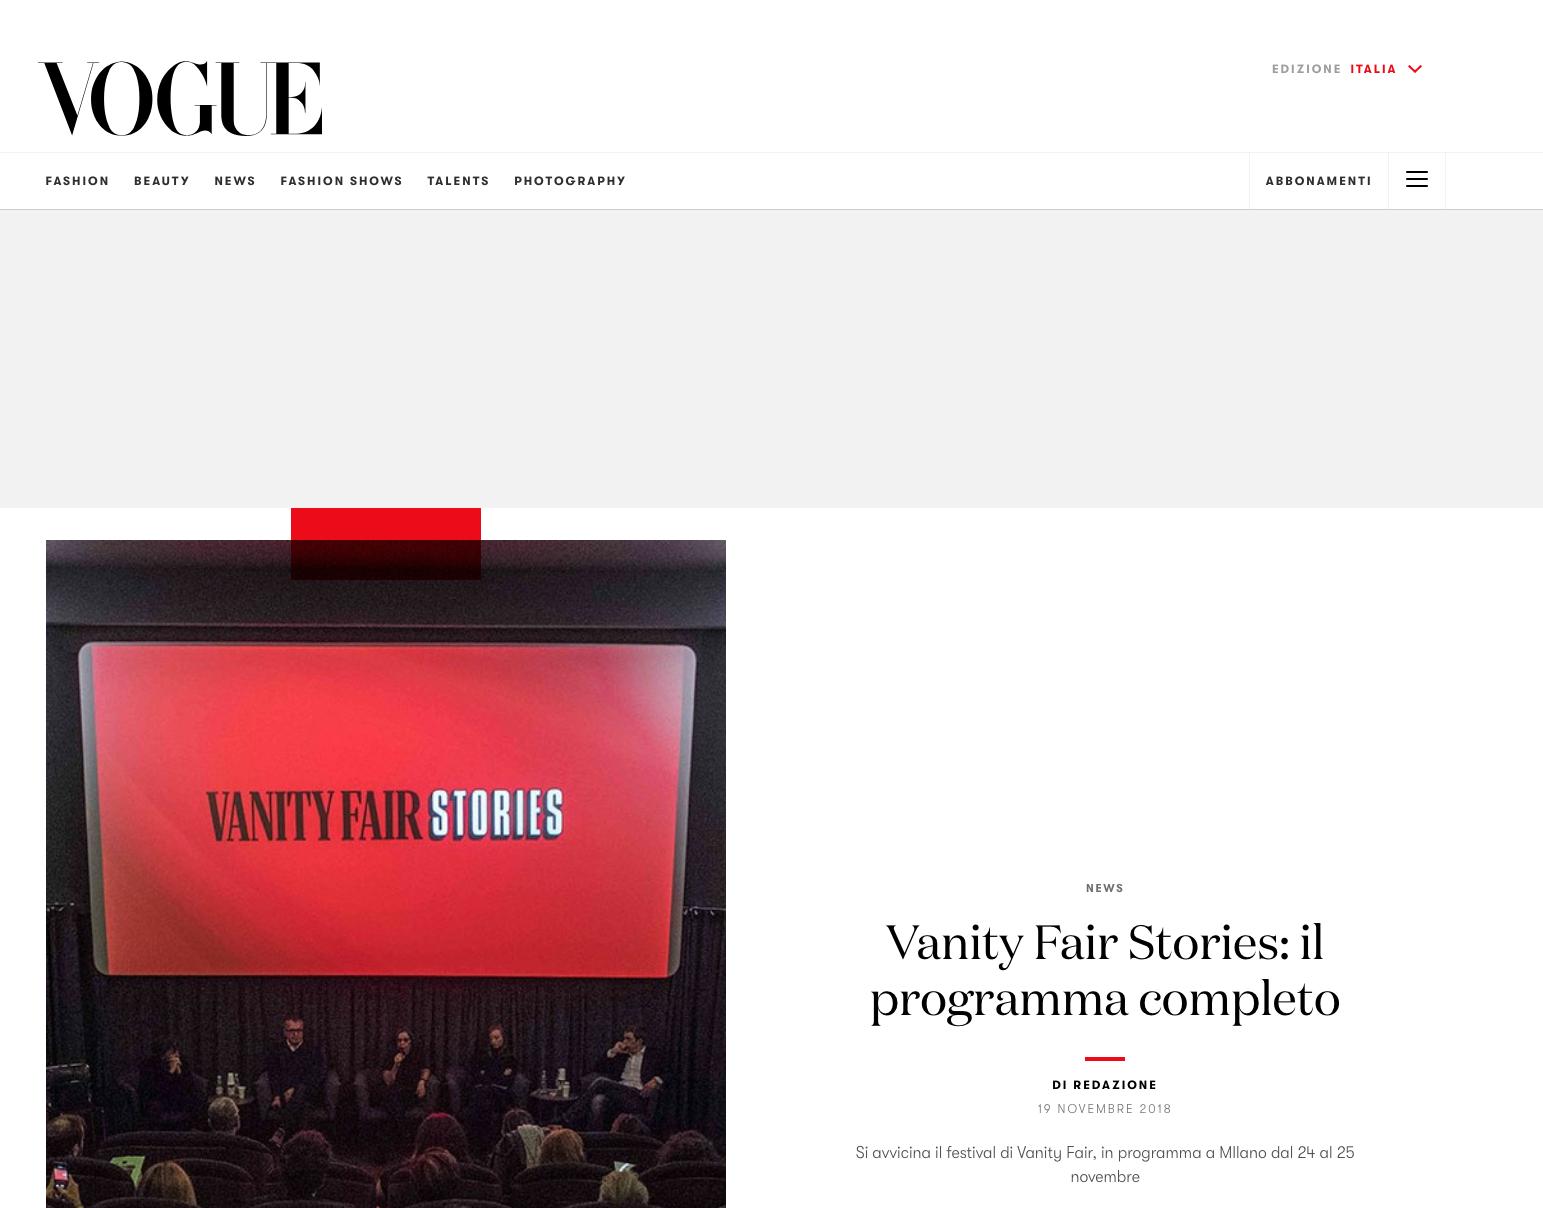 VOGUE ITALIA - VANITY FAIR LINE-UP